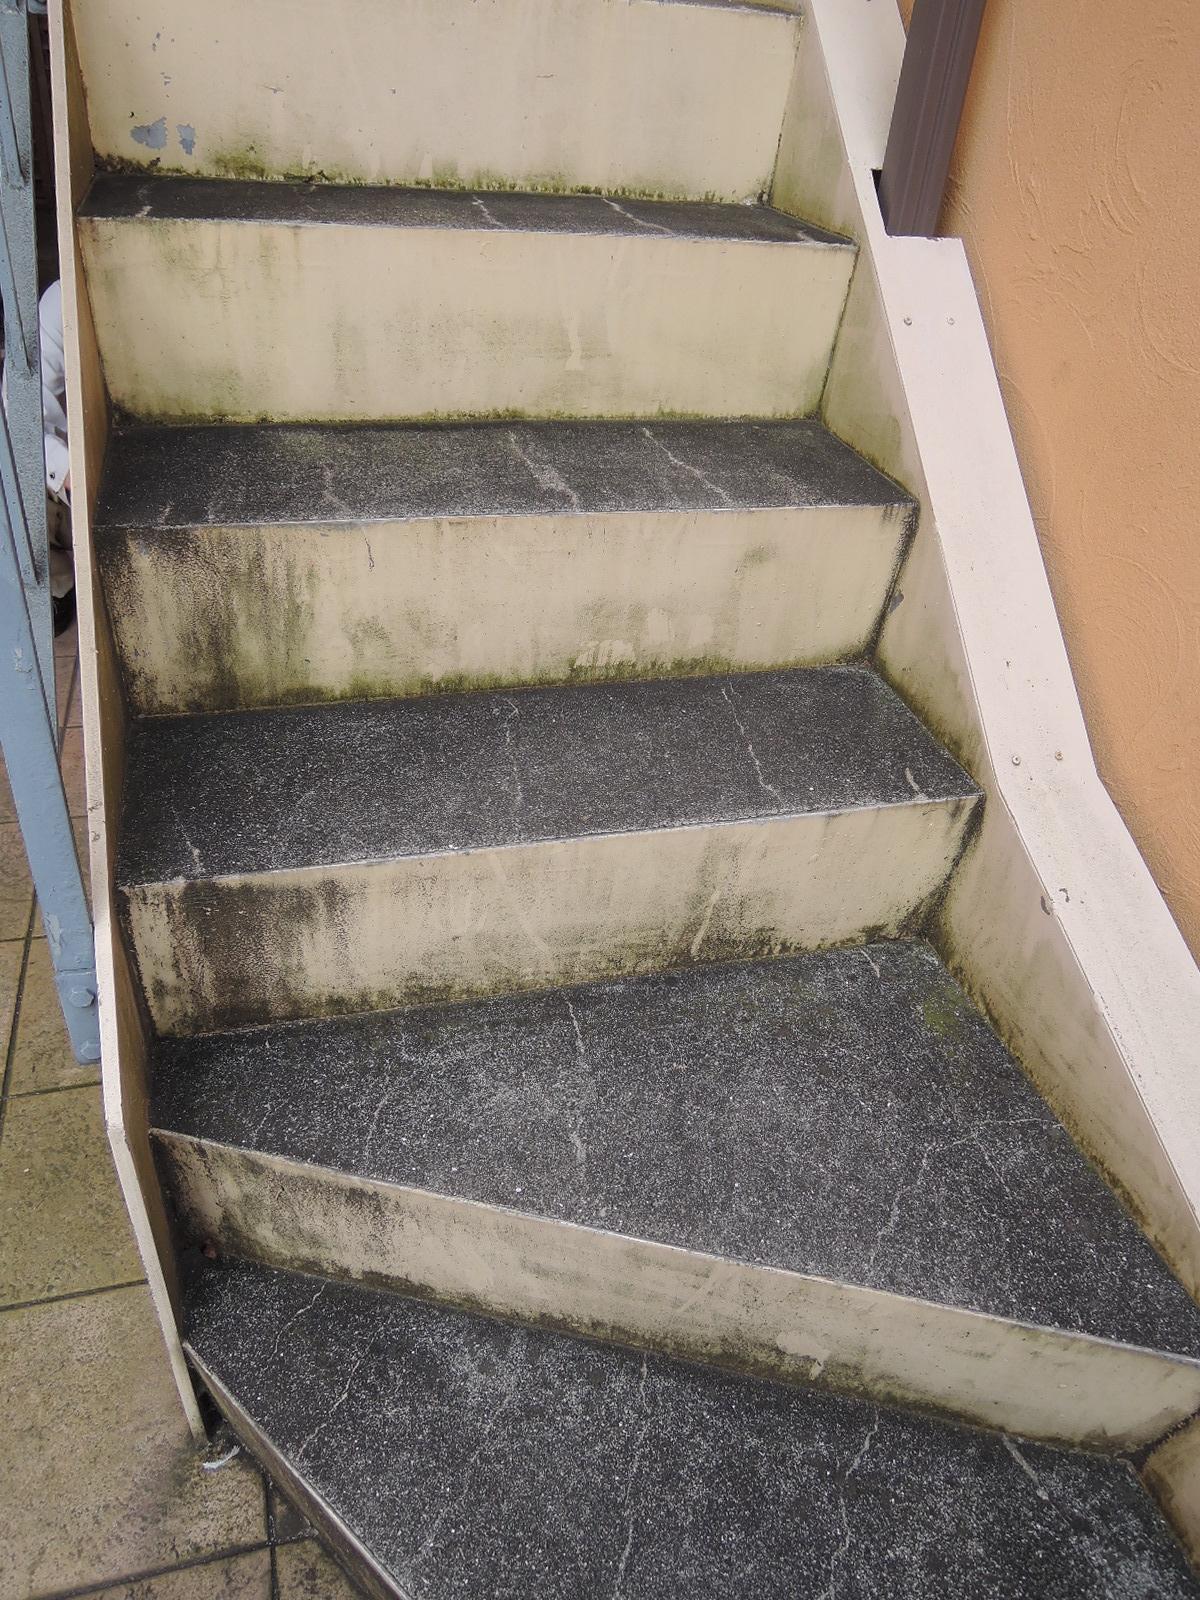 階段の雨で濡れる部分に緑色の苔が